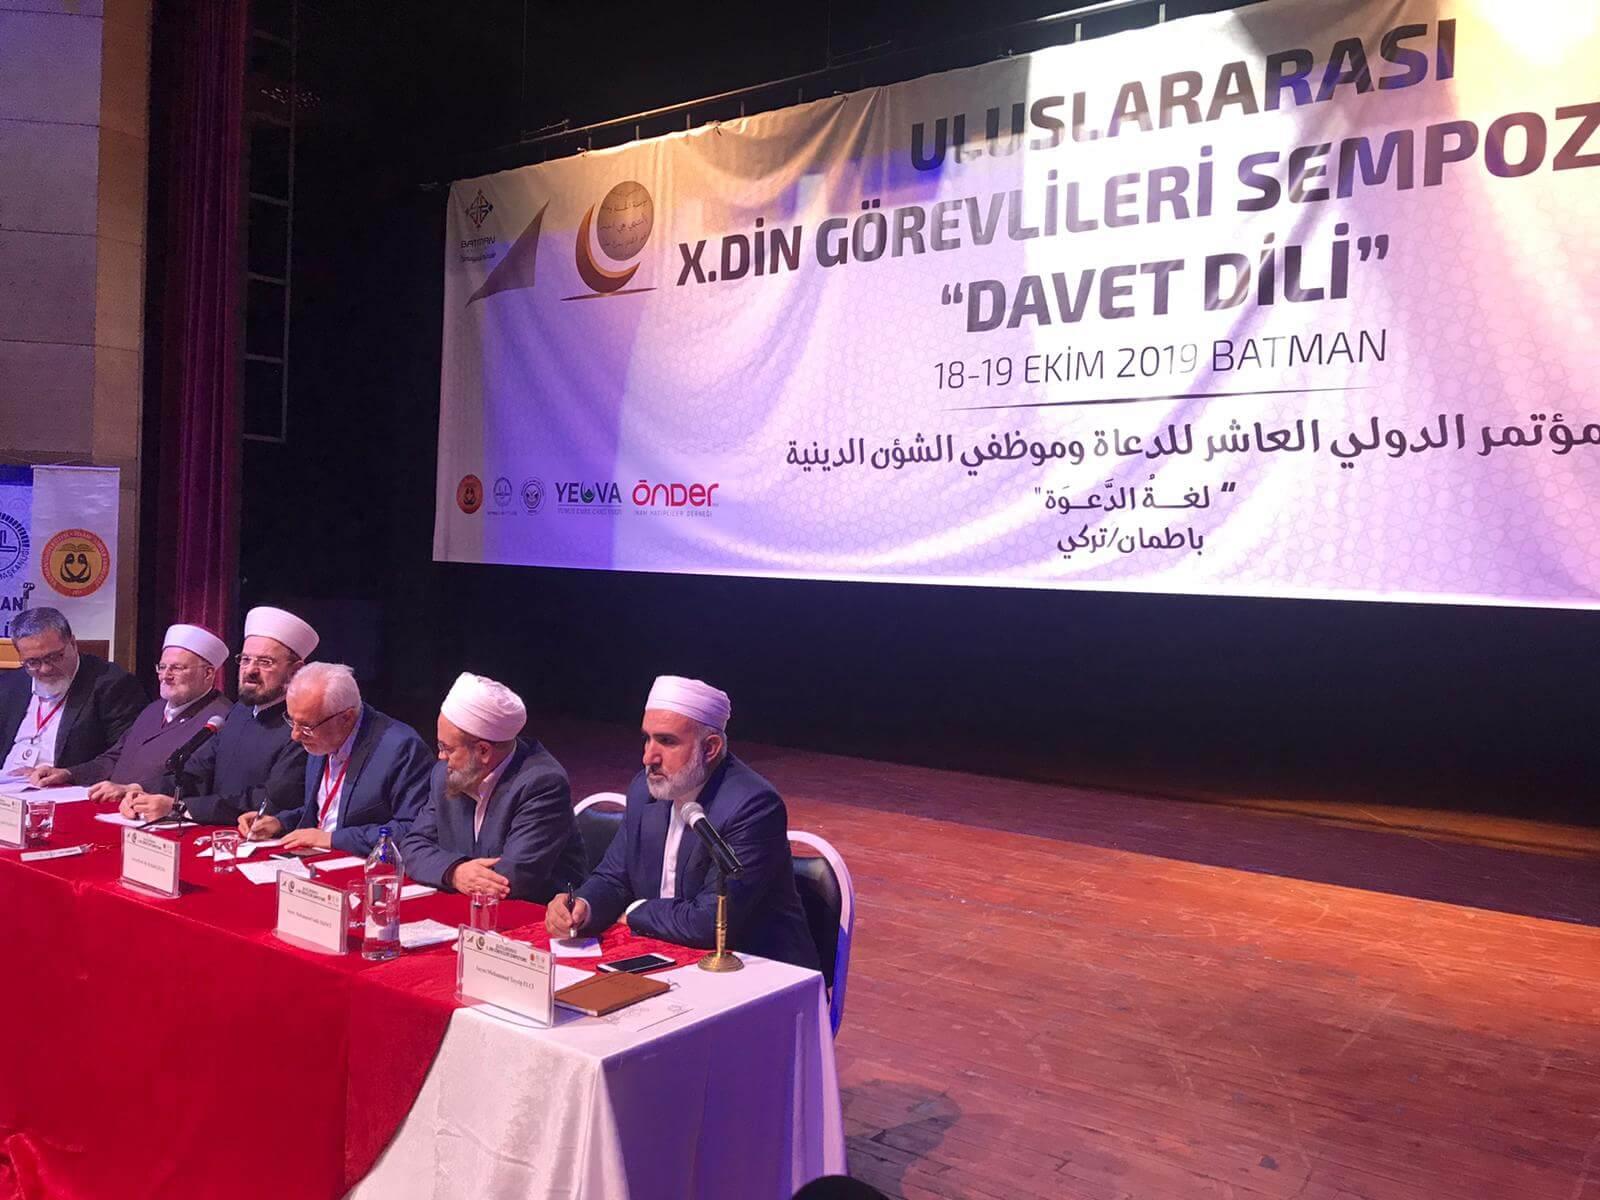 القره داغي يشارك في المؤتمر الدولي العاشر للدعاة وموظفي الشؤون الدينية